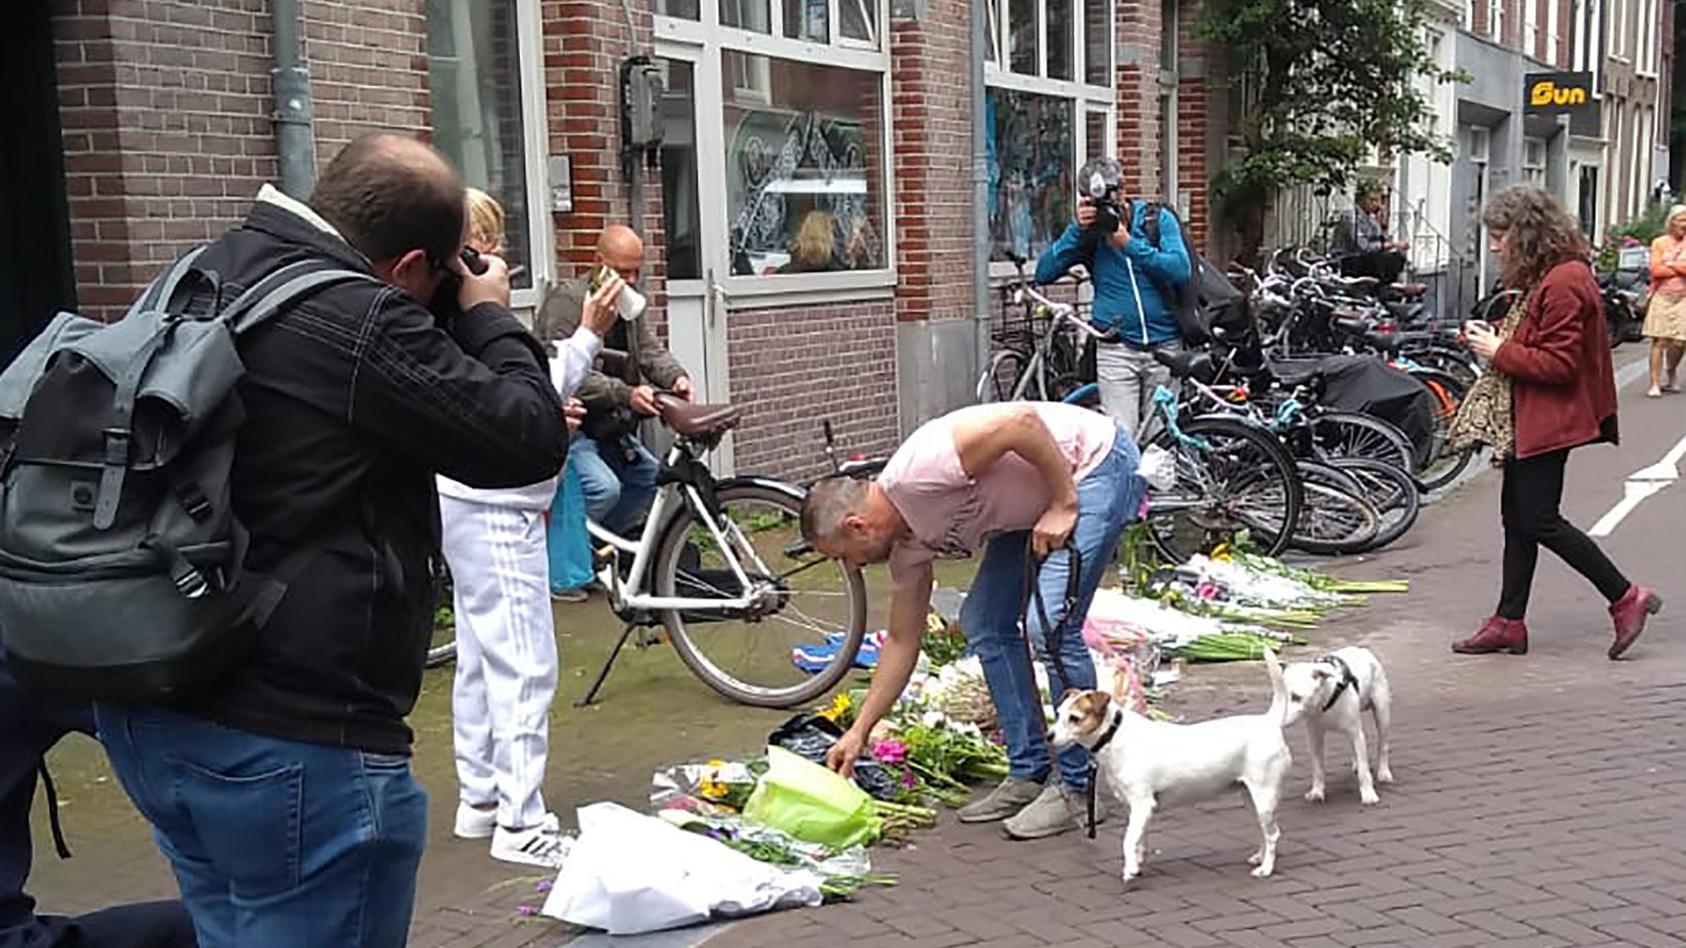 Menschen legen nach dem Angriff auf Starreporter  Peter R. de Vries Blumen nieder.